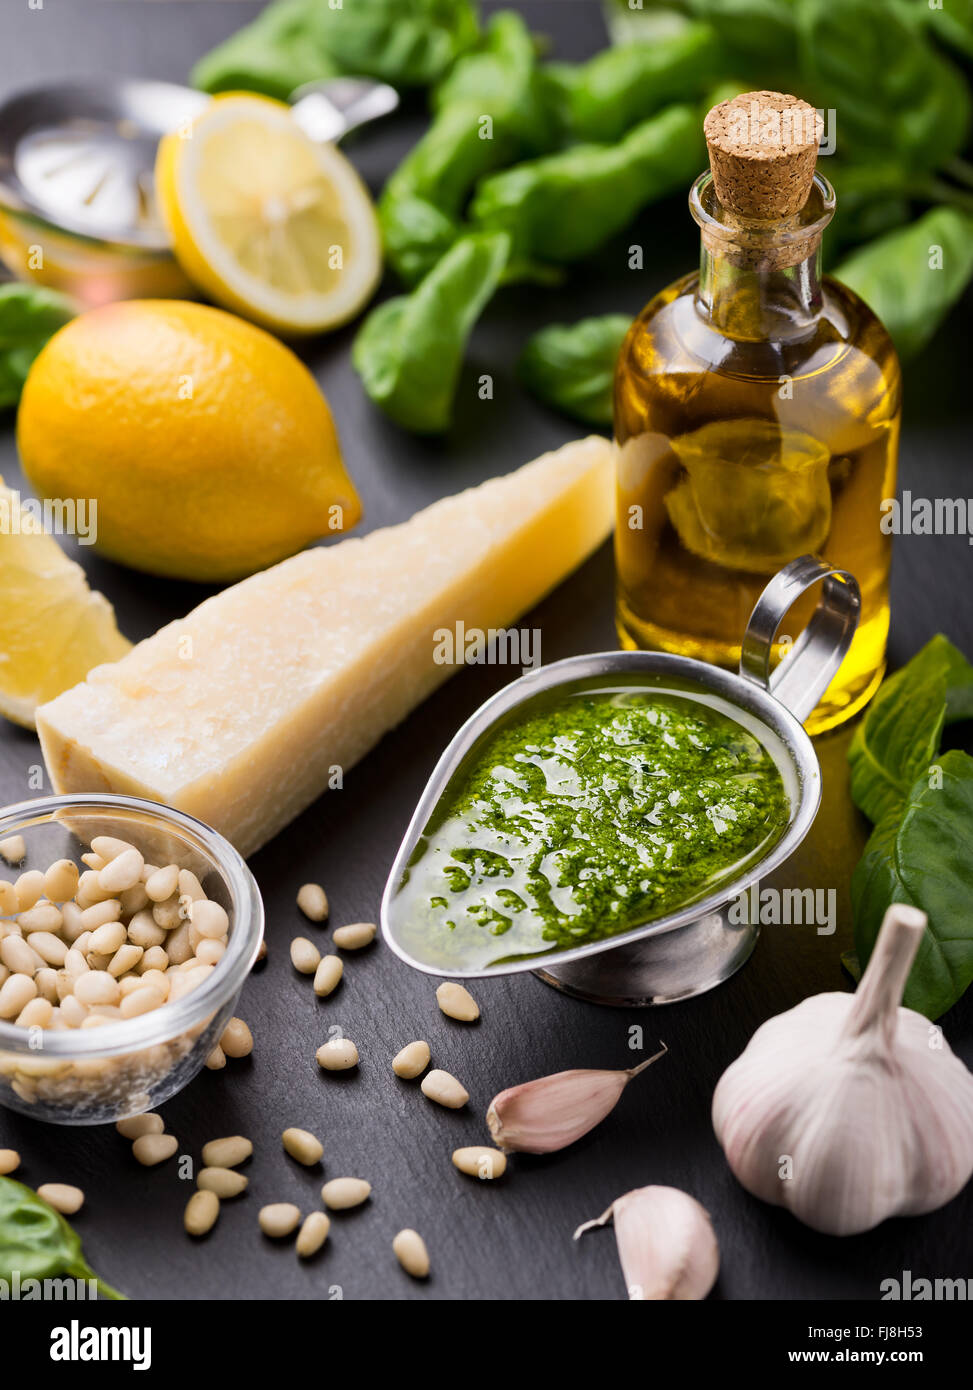 Composition avec des ingrédients pour la sauce pesto préparation Photo Stock